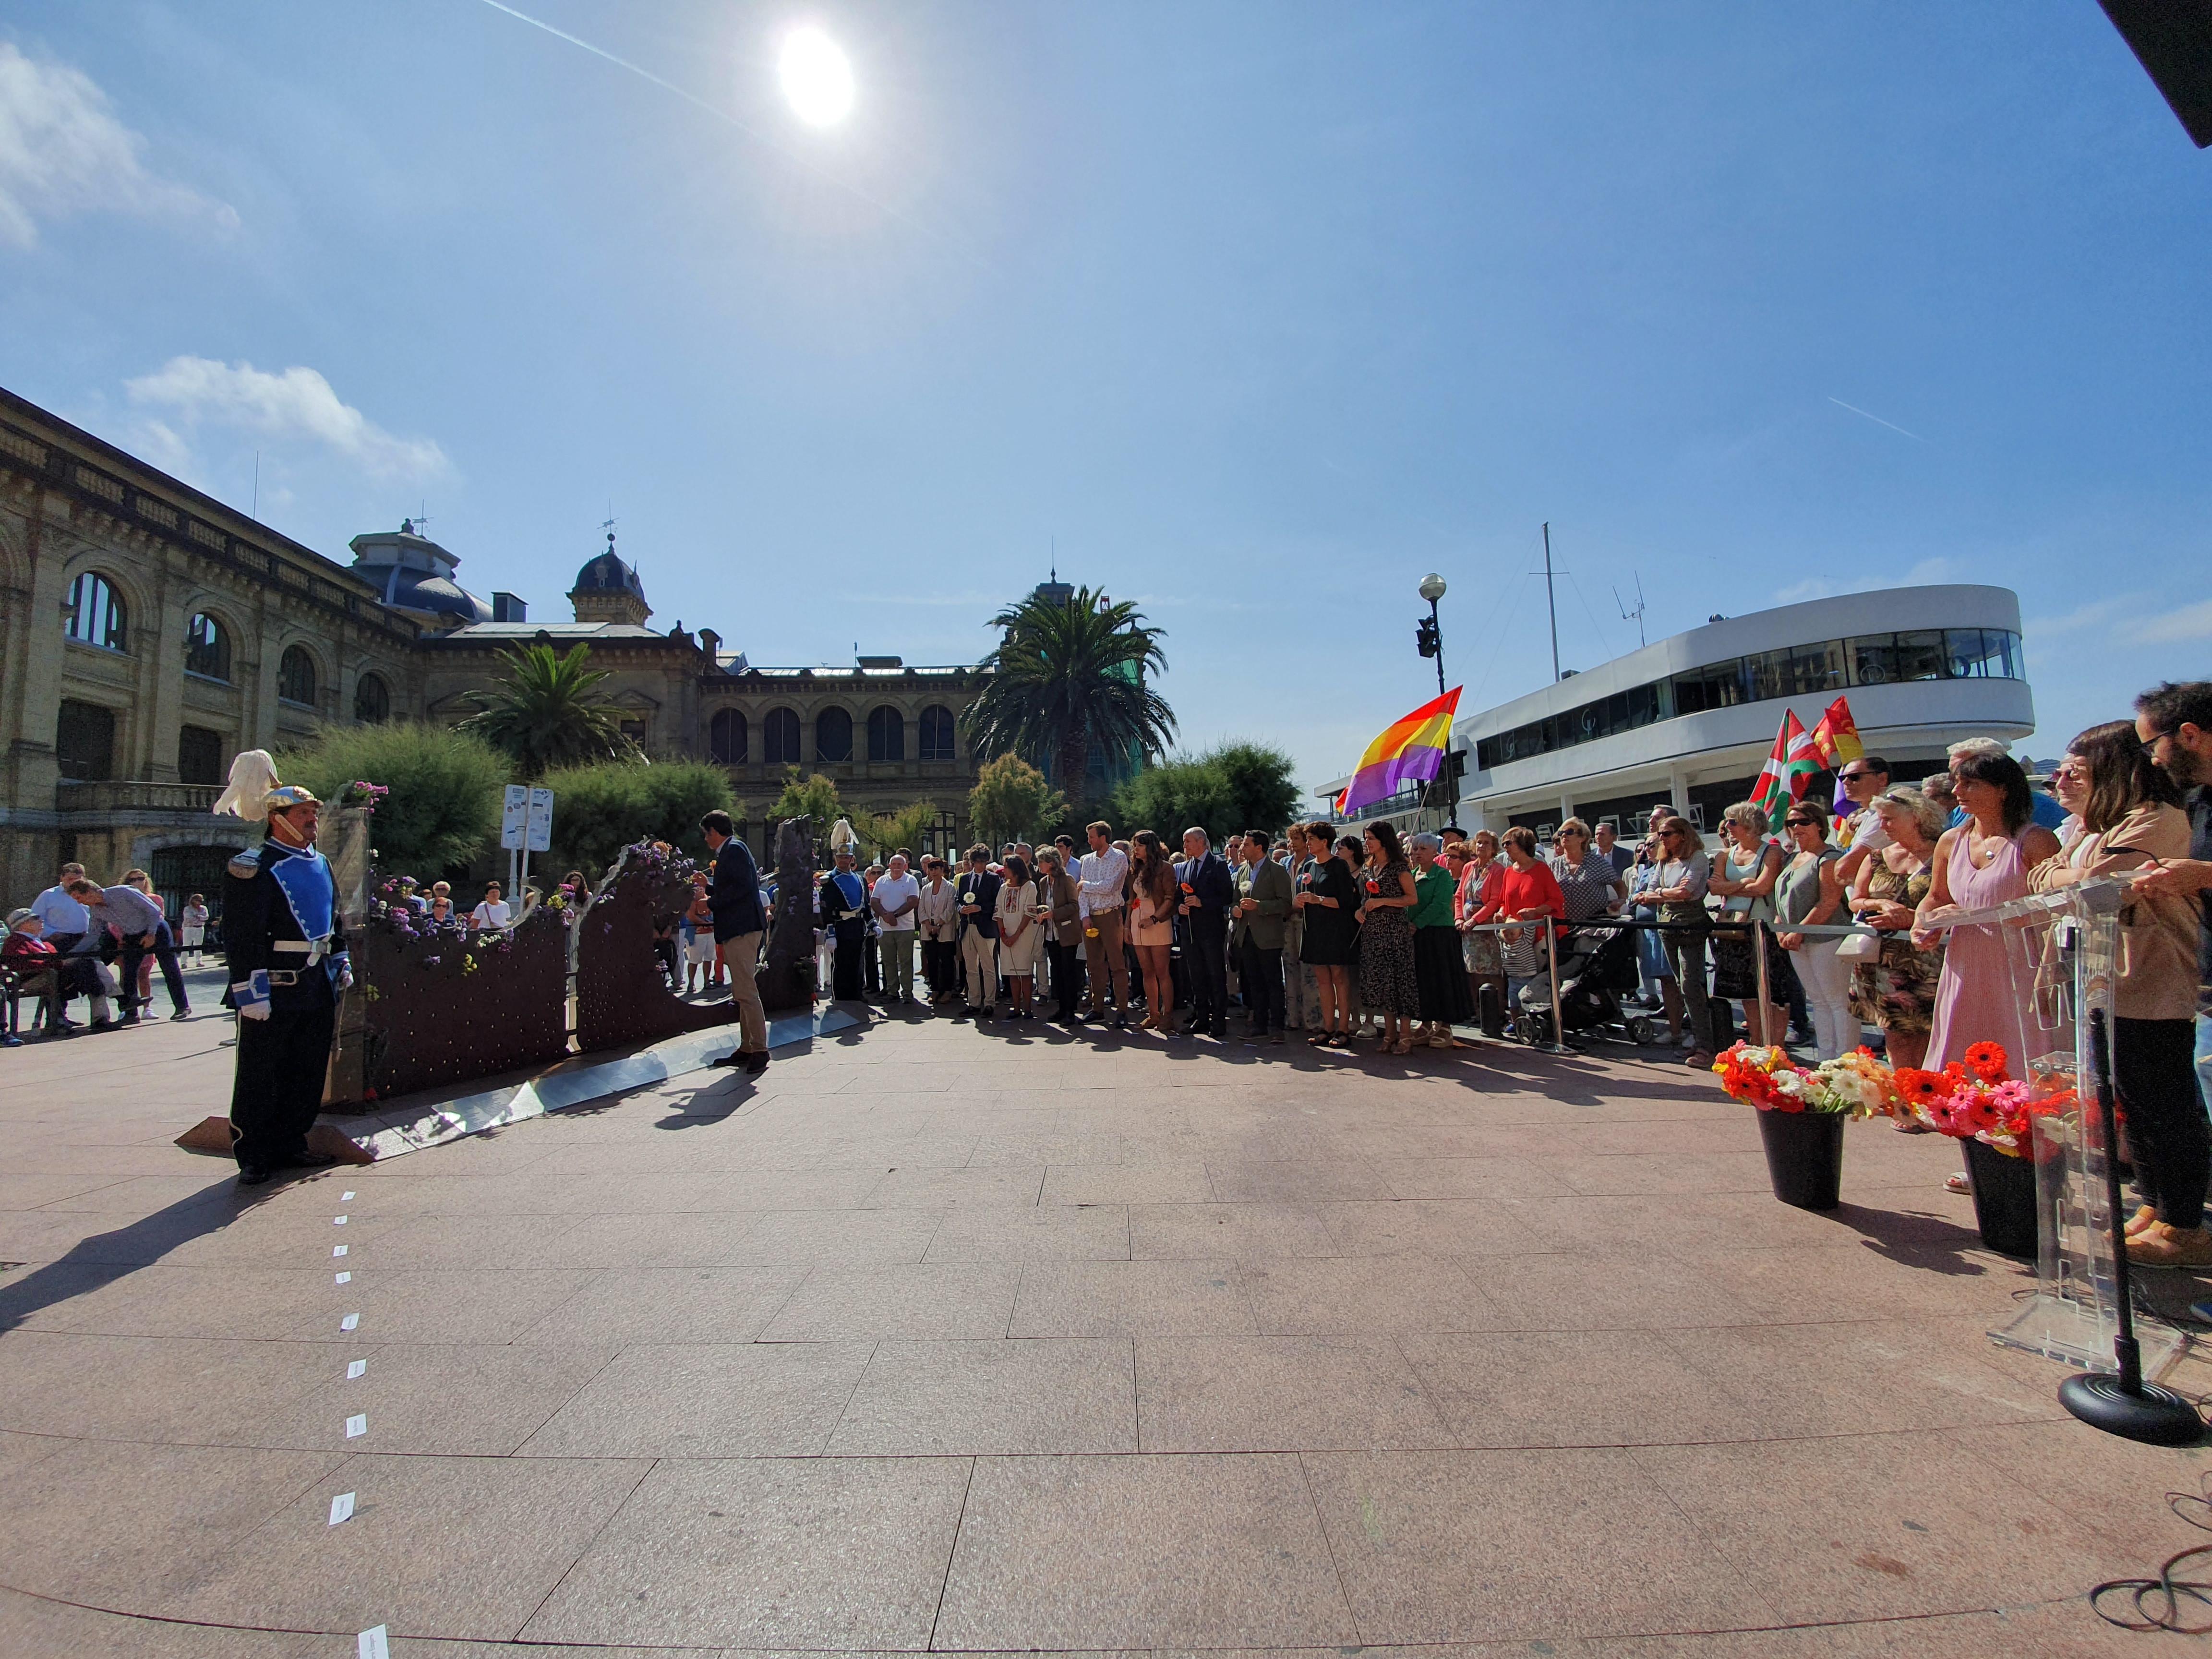 Josu Erkoreka e Iñaki Arriola recuerdan a las víctimas de la guerra y el franquismo en el Día de la Memoria de Donostia-San Sebastián